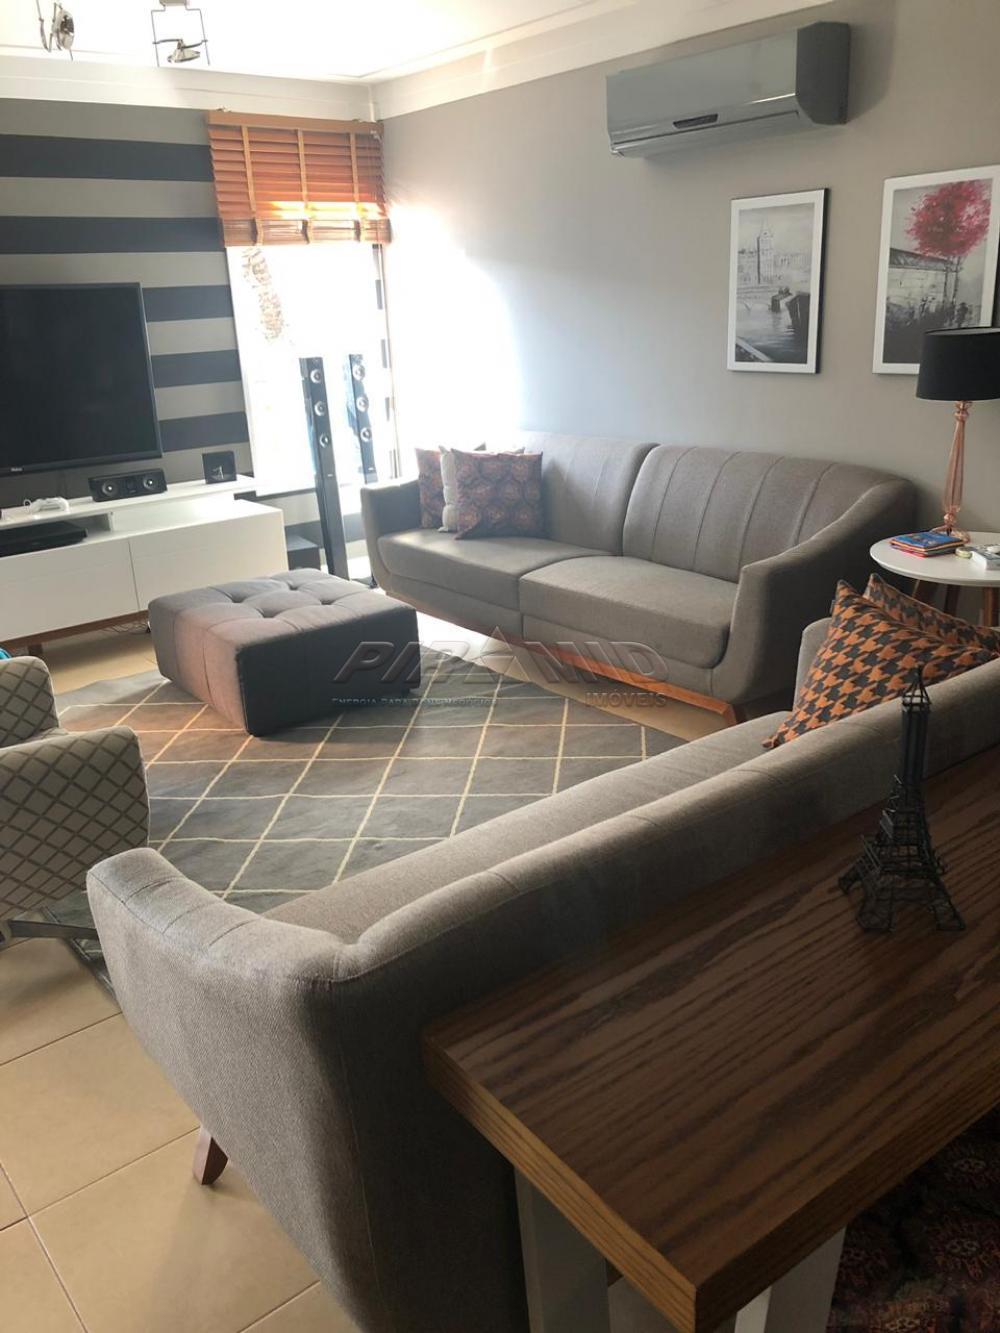 Comprar Casa / Condomínio em Ribeirão Preto apenas R$ 1.280.000,00 - Foto 3